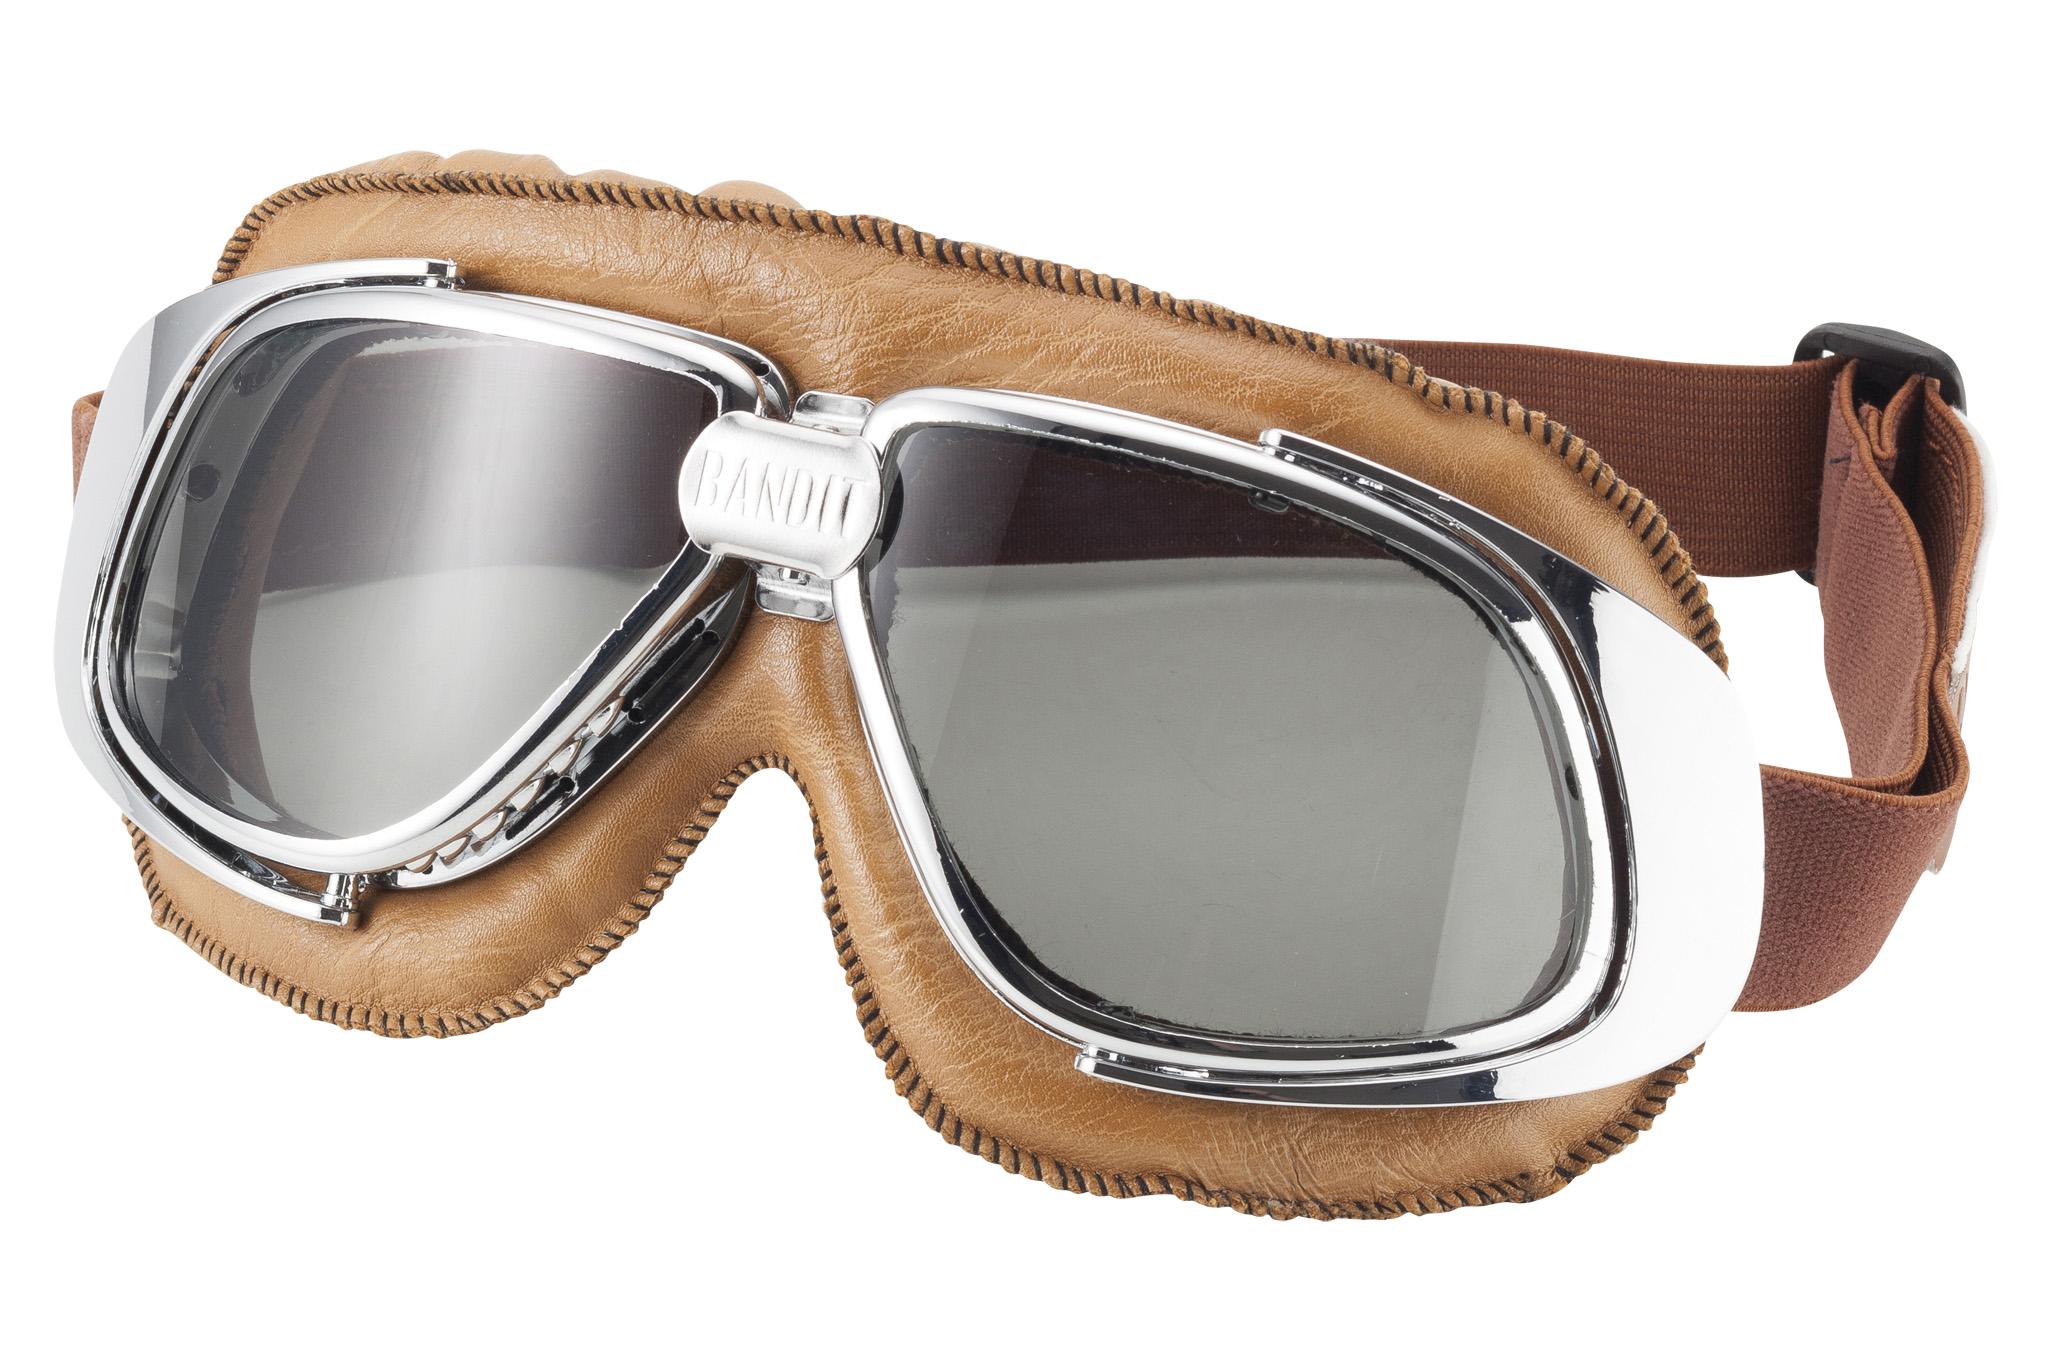 bandit helmets bandit brille online kaufen. Black Bedroom Furniture Sets. Home Design Ideas